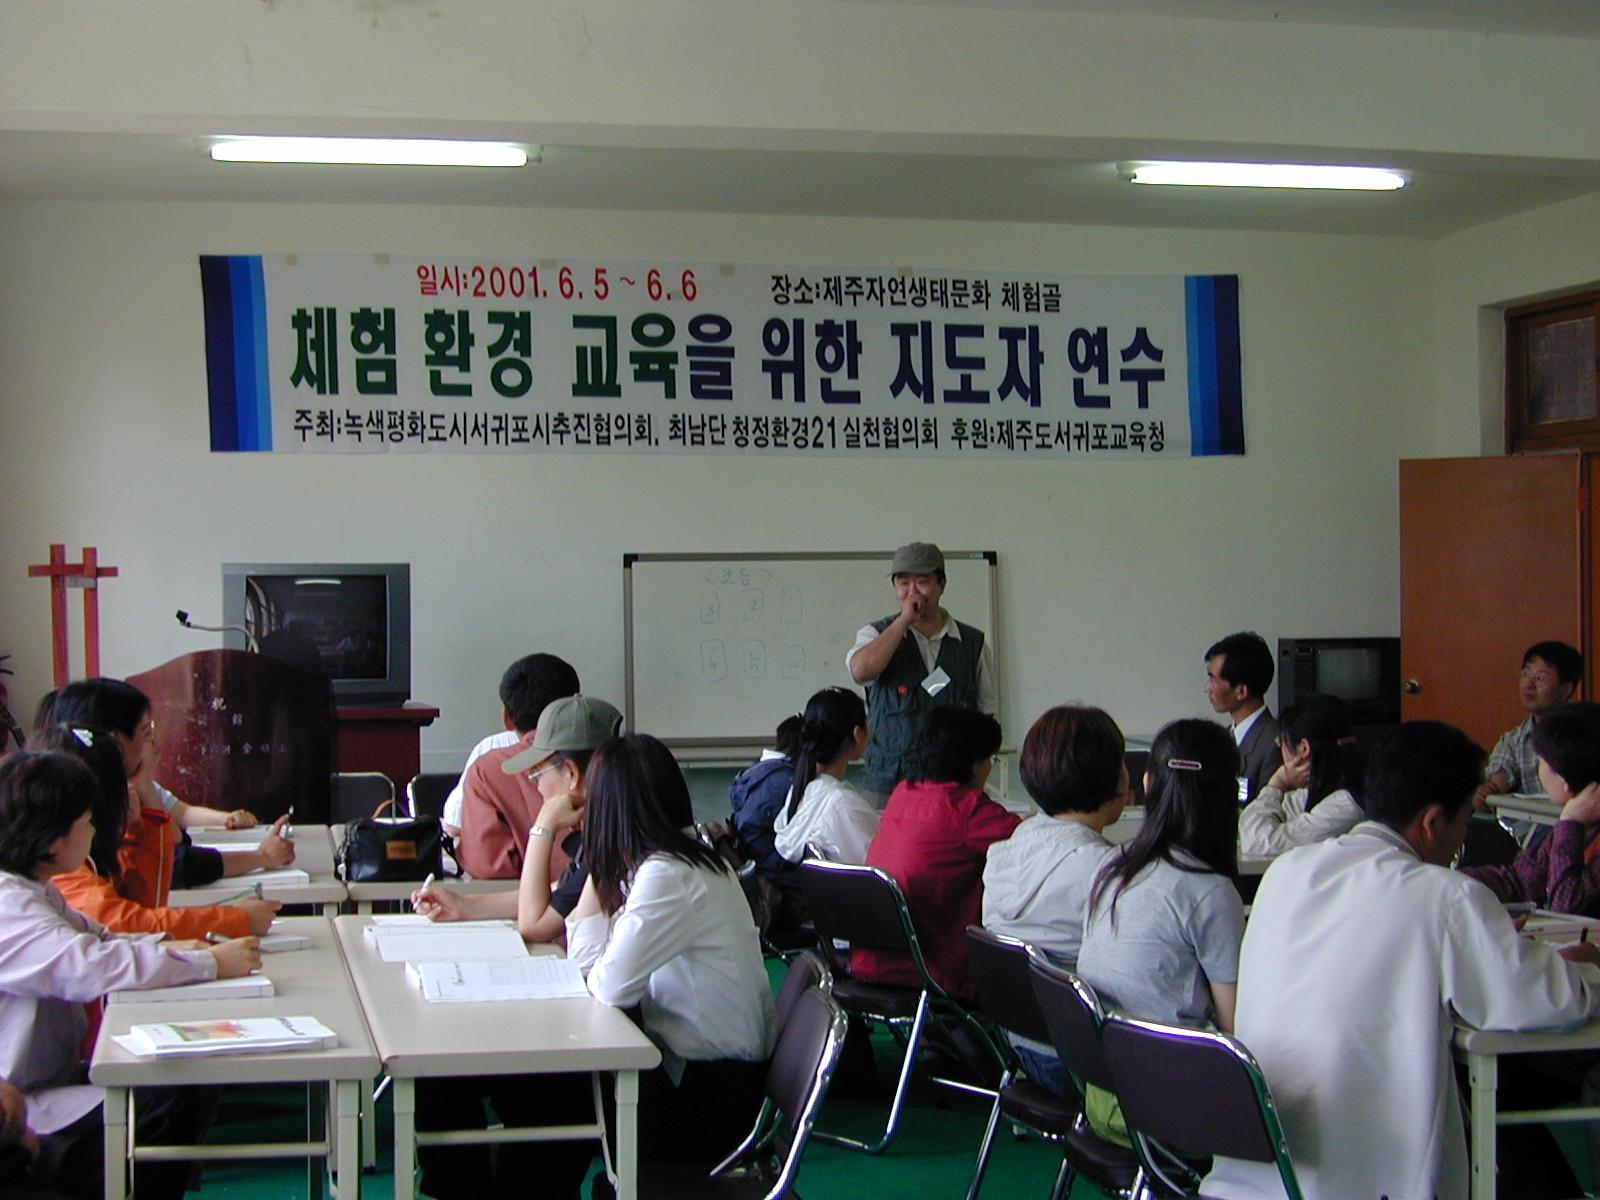 체험환경교육을 위한 지도자연수